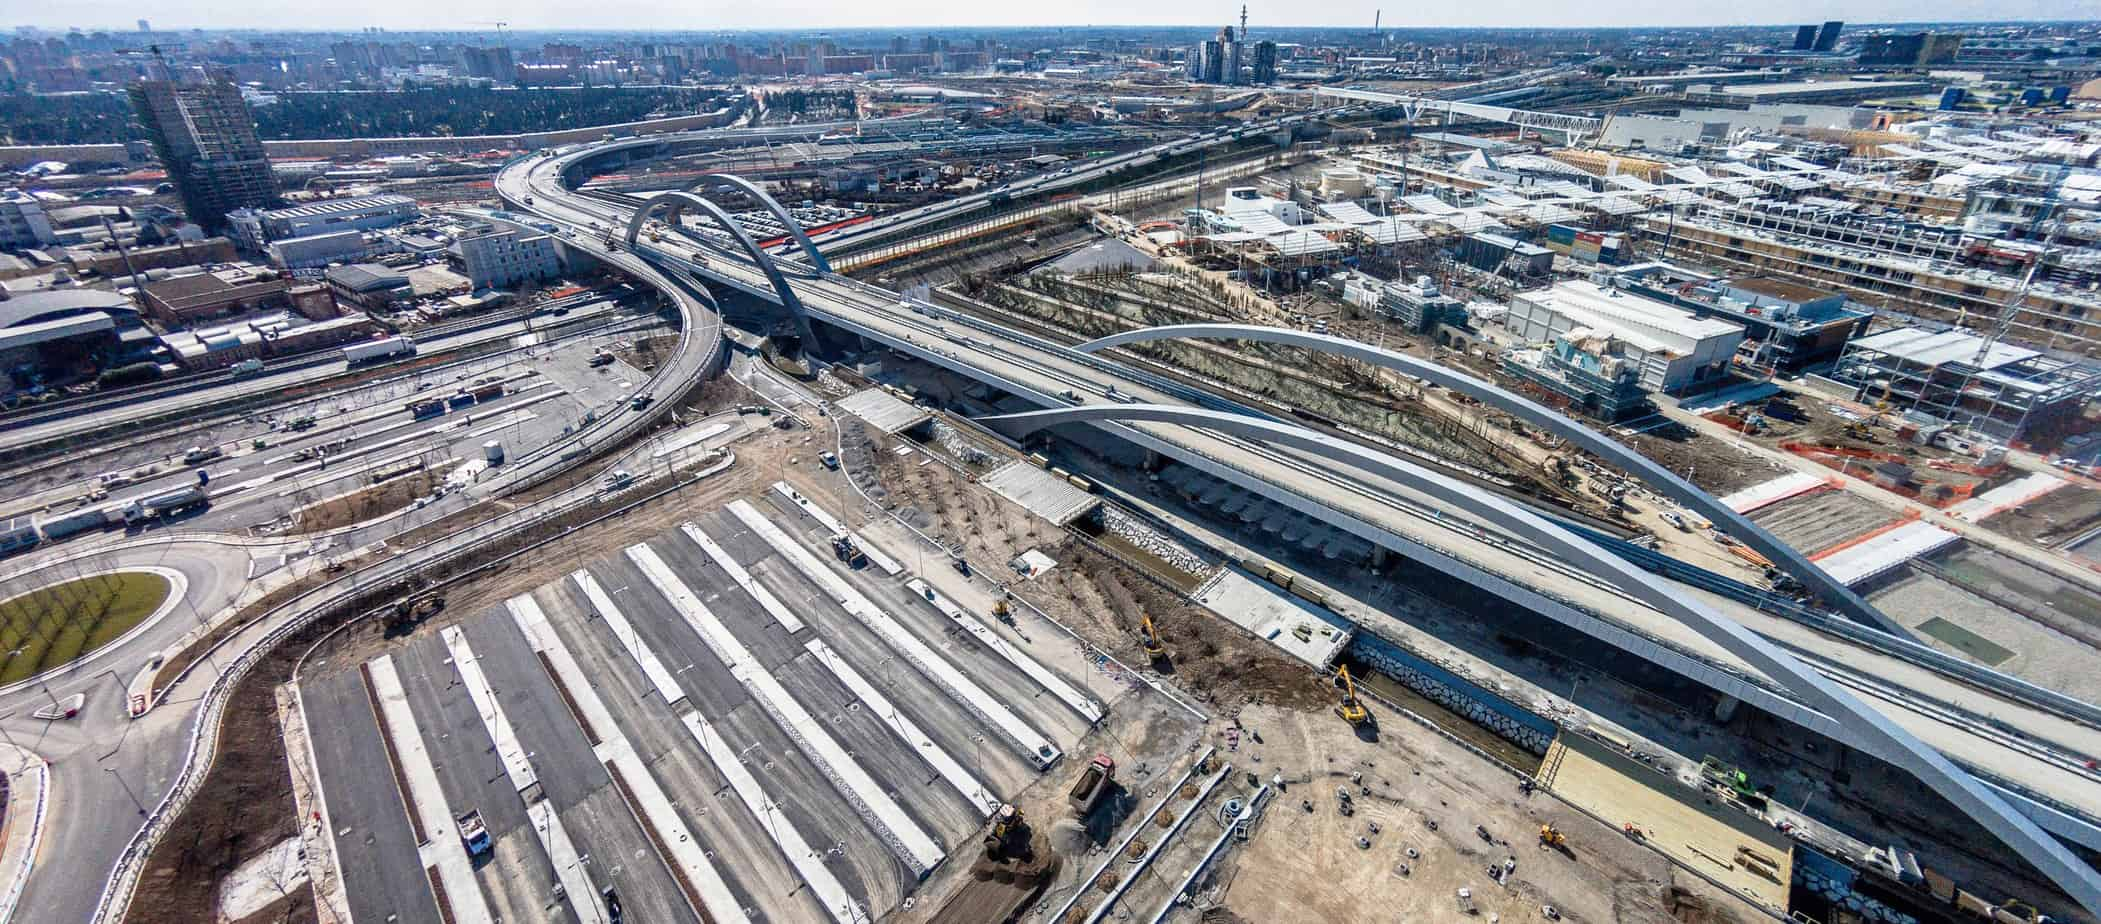 Una suggestiva panoramica del cantiere della grande viabilità Expo realizzata con il drone